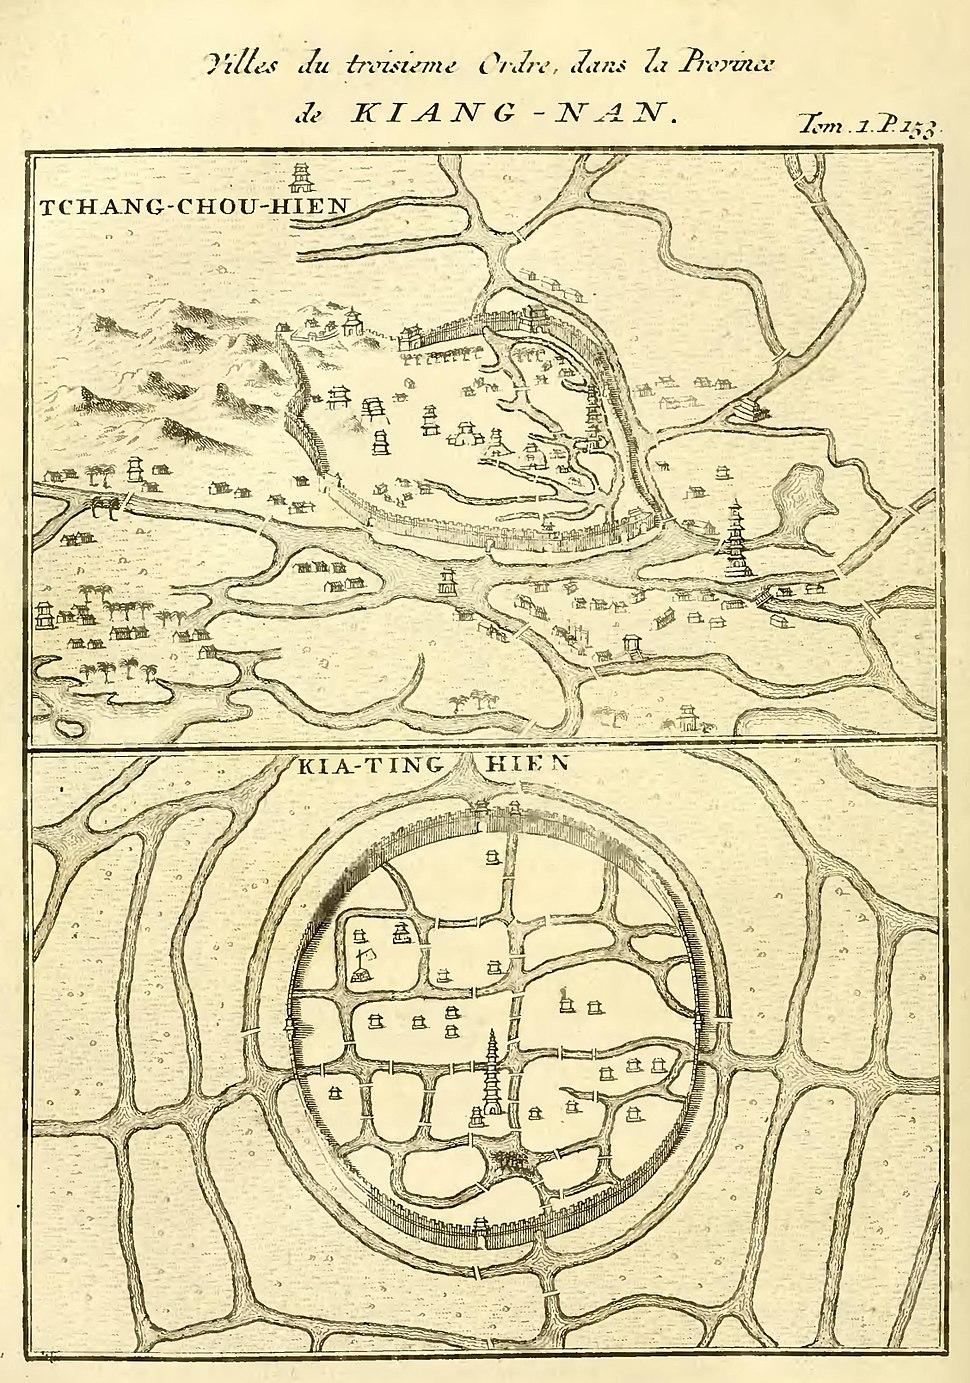 Du Halde - Description de la Chine - Villes de troisieme ordre dans la province ce Kiang nan